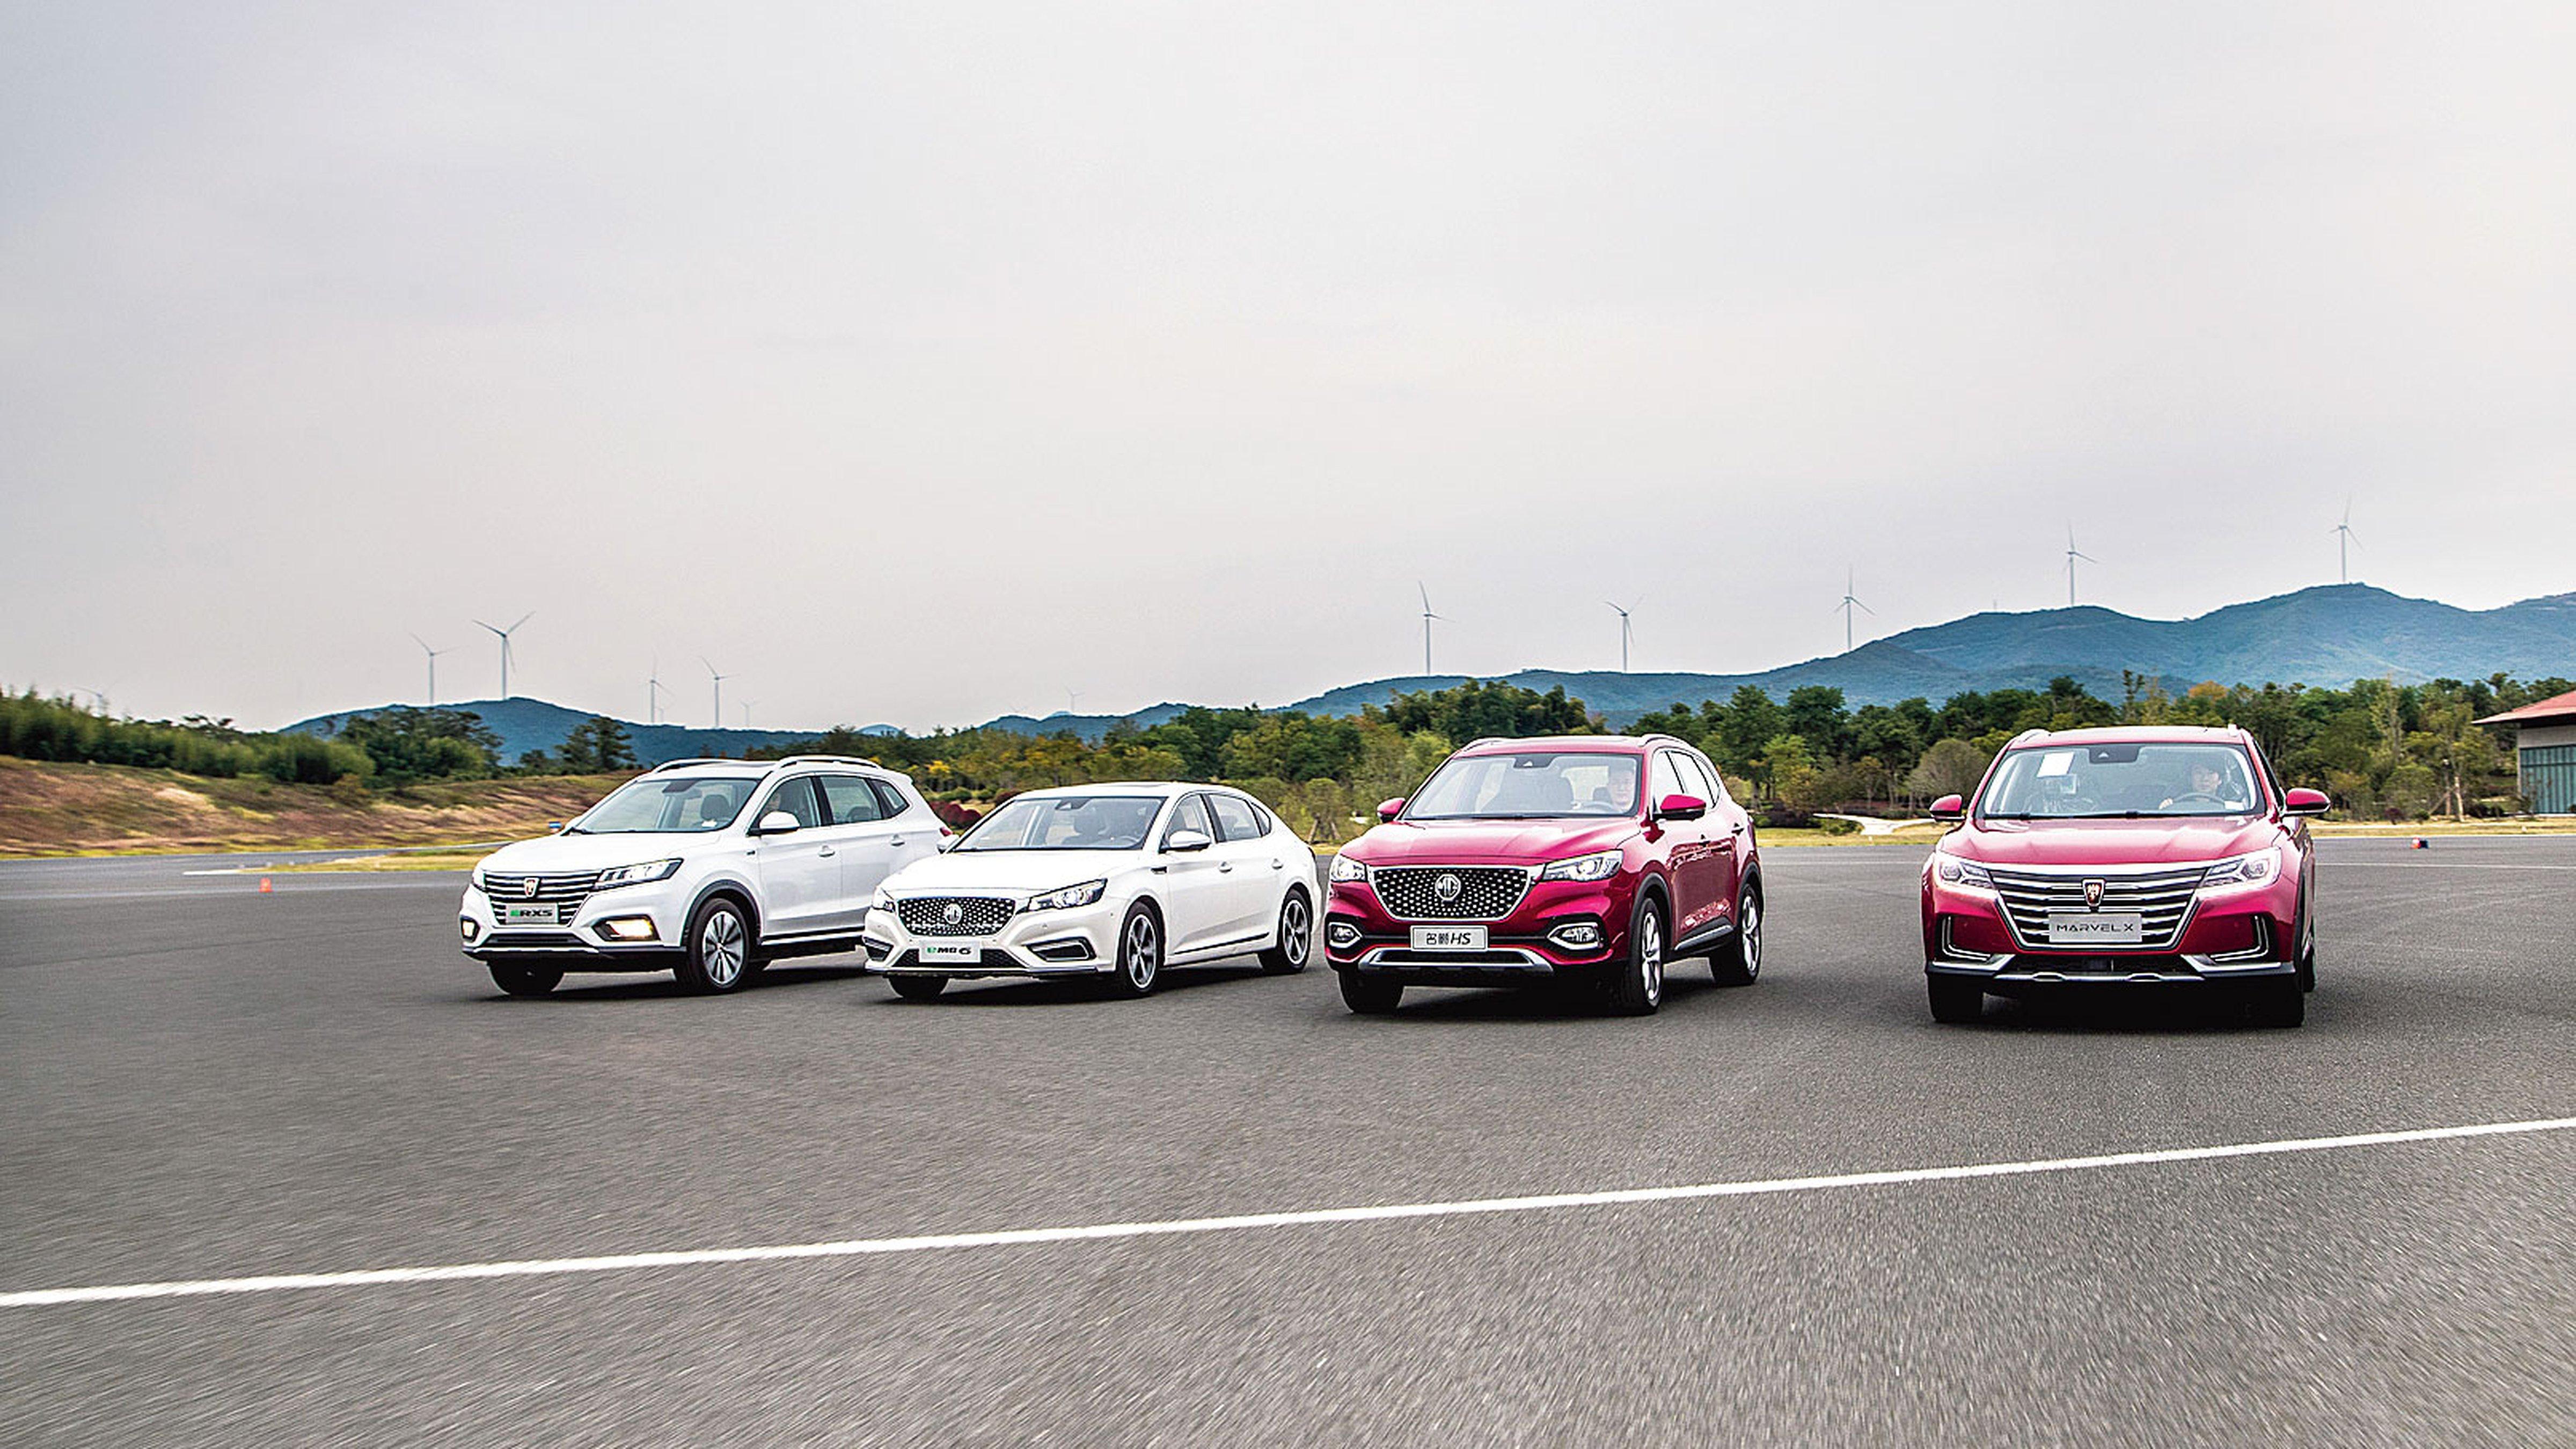 上汽MG品牌引入印度市场 明年或将开售SUV车型